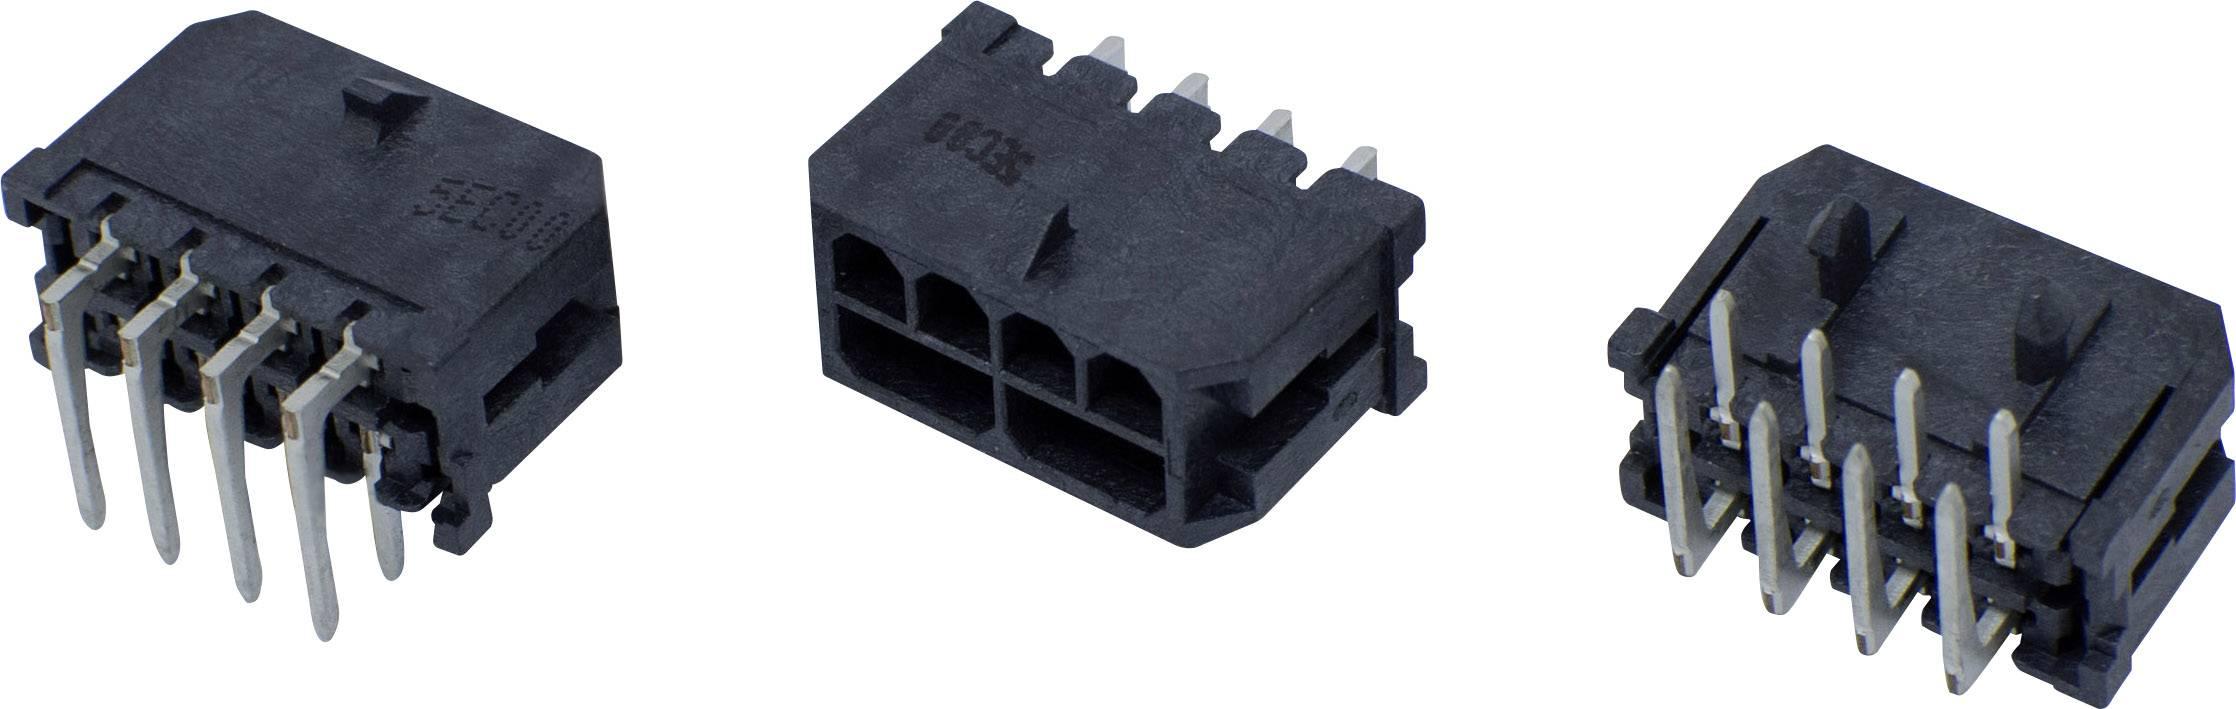 Pinová lišta (štandardná) BellWether 70095-2408, pólů 24, rozteč 3 mm, 1 ks